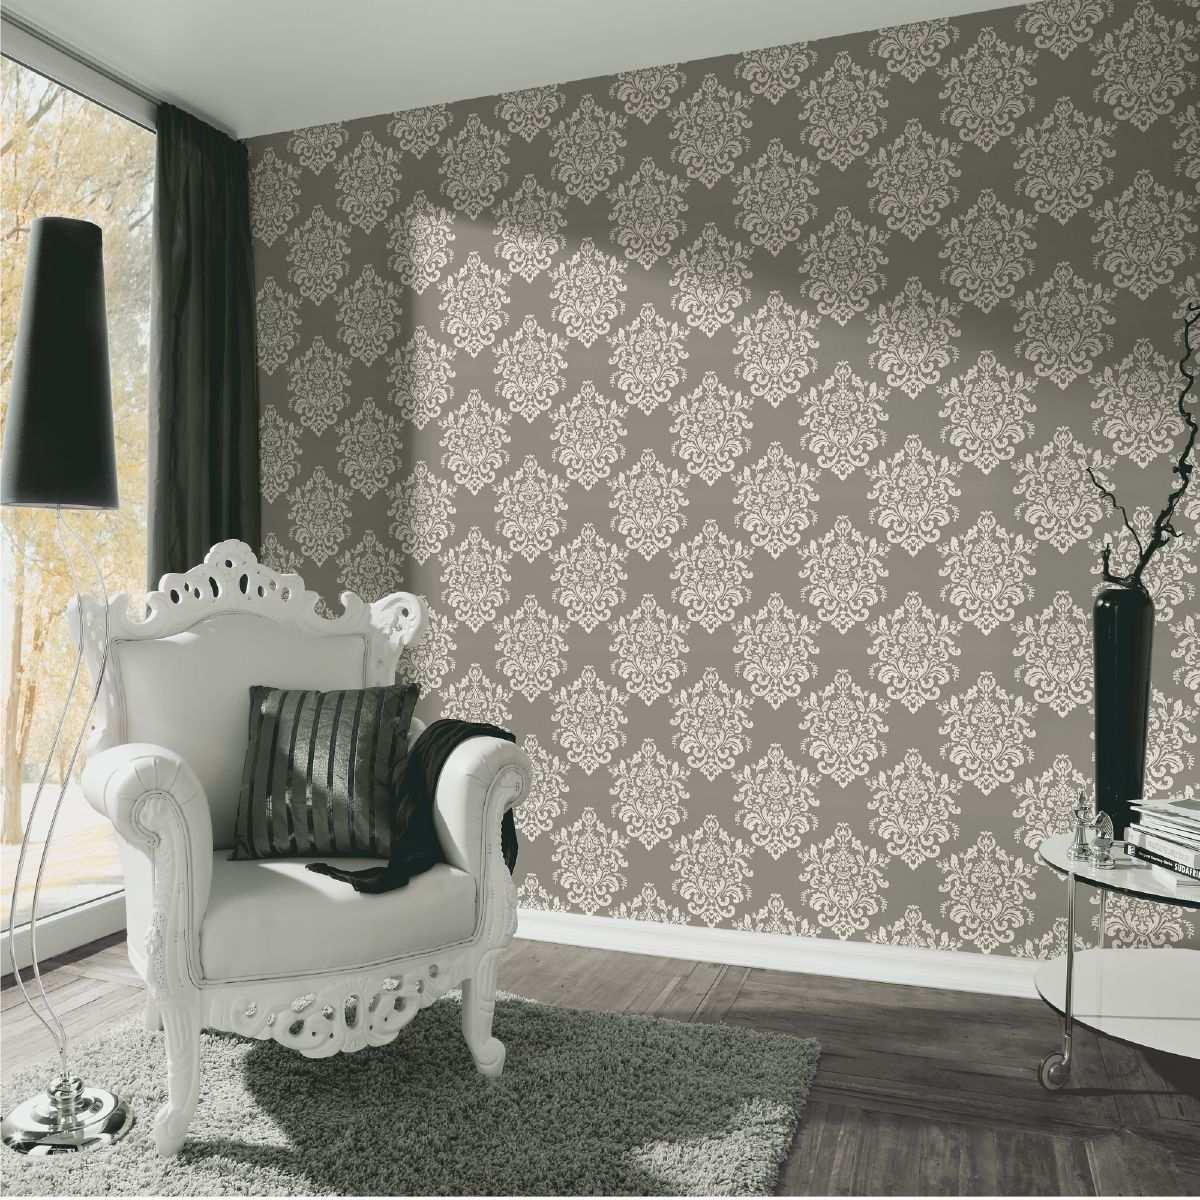 Zimmer Mit Extravaganter Barock Tapete Mit Muster In Weiss Und Grau Und Modern Interpretiertem Barock Sessel Wohnzimmer Stil Barock Tapete Tapeten